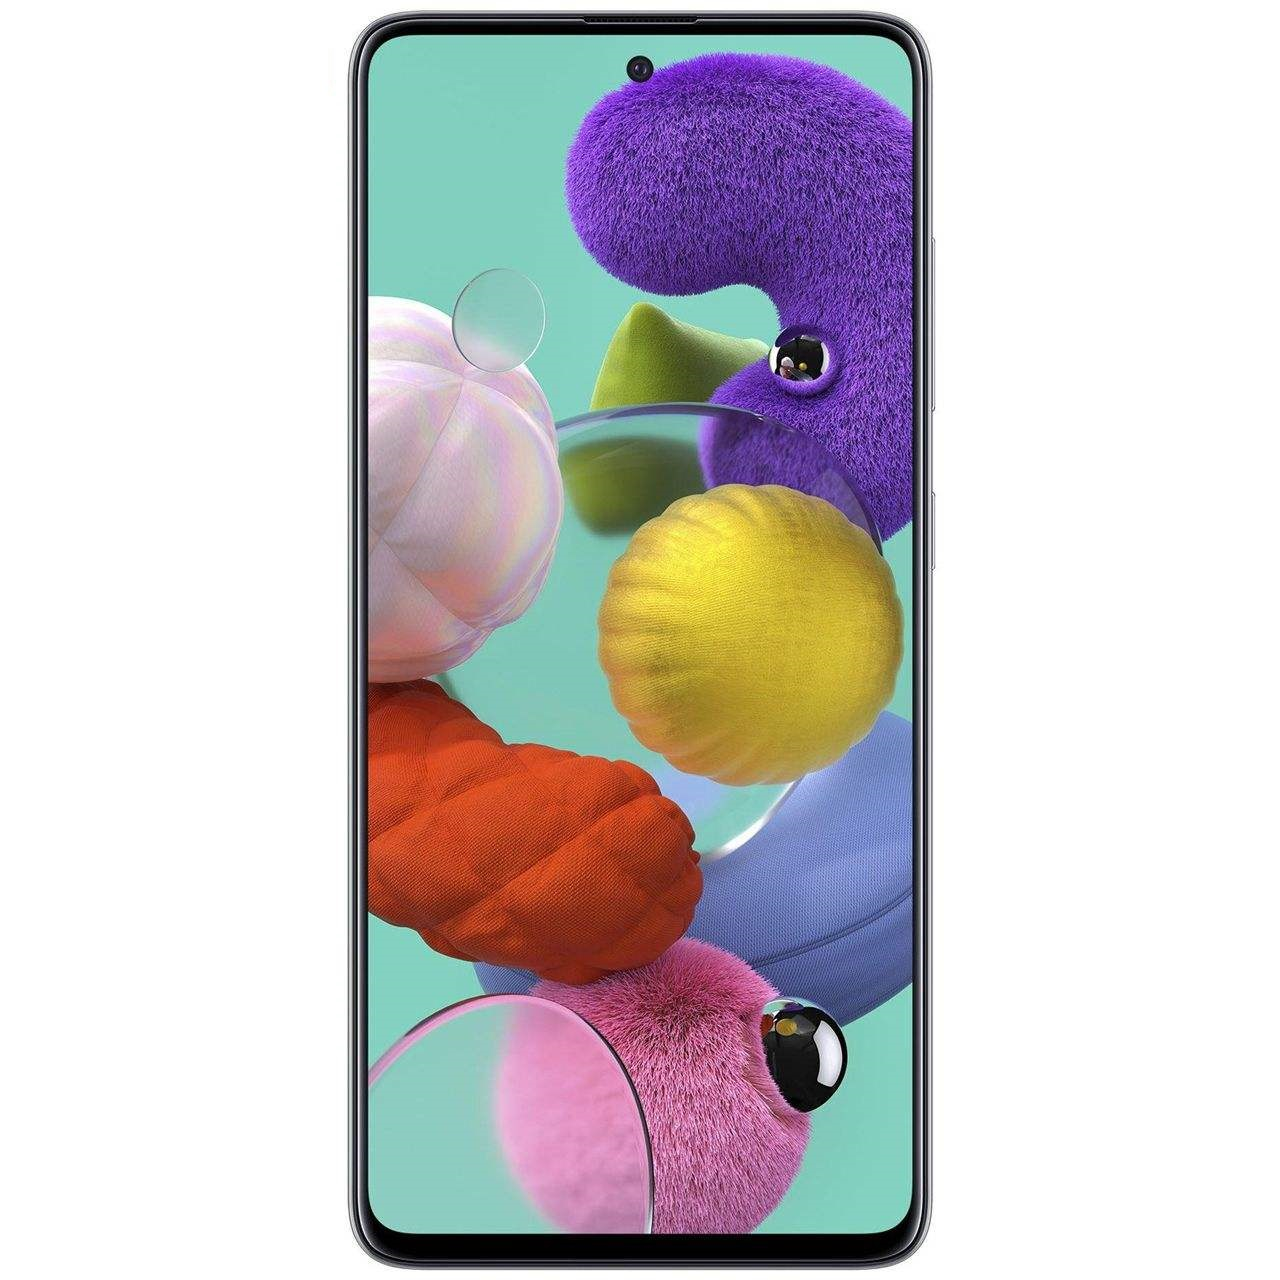 گوشی موبایل سامسونگ مدل Galaxy A51 -دو سیم کارت ظرفیت 128گیگابایت